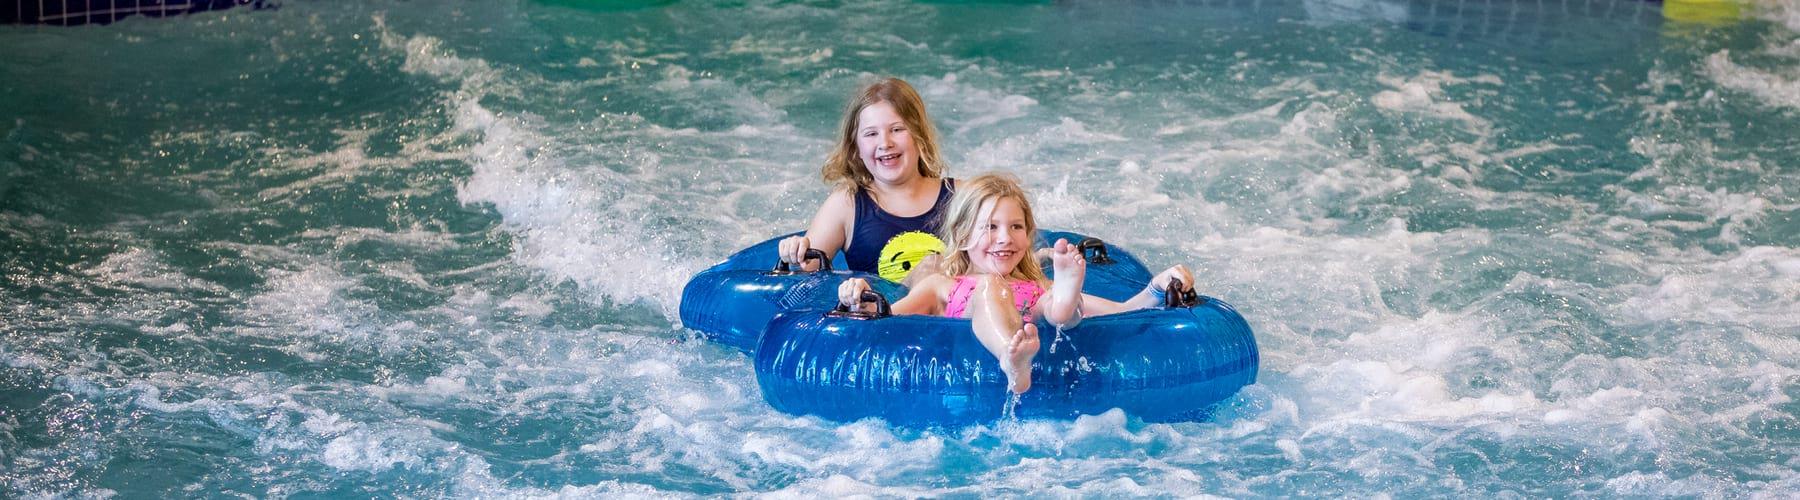 Girls on blue inner tube smiling